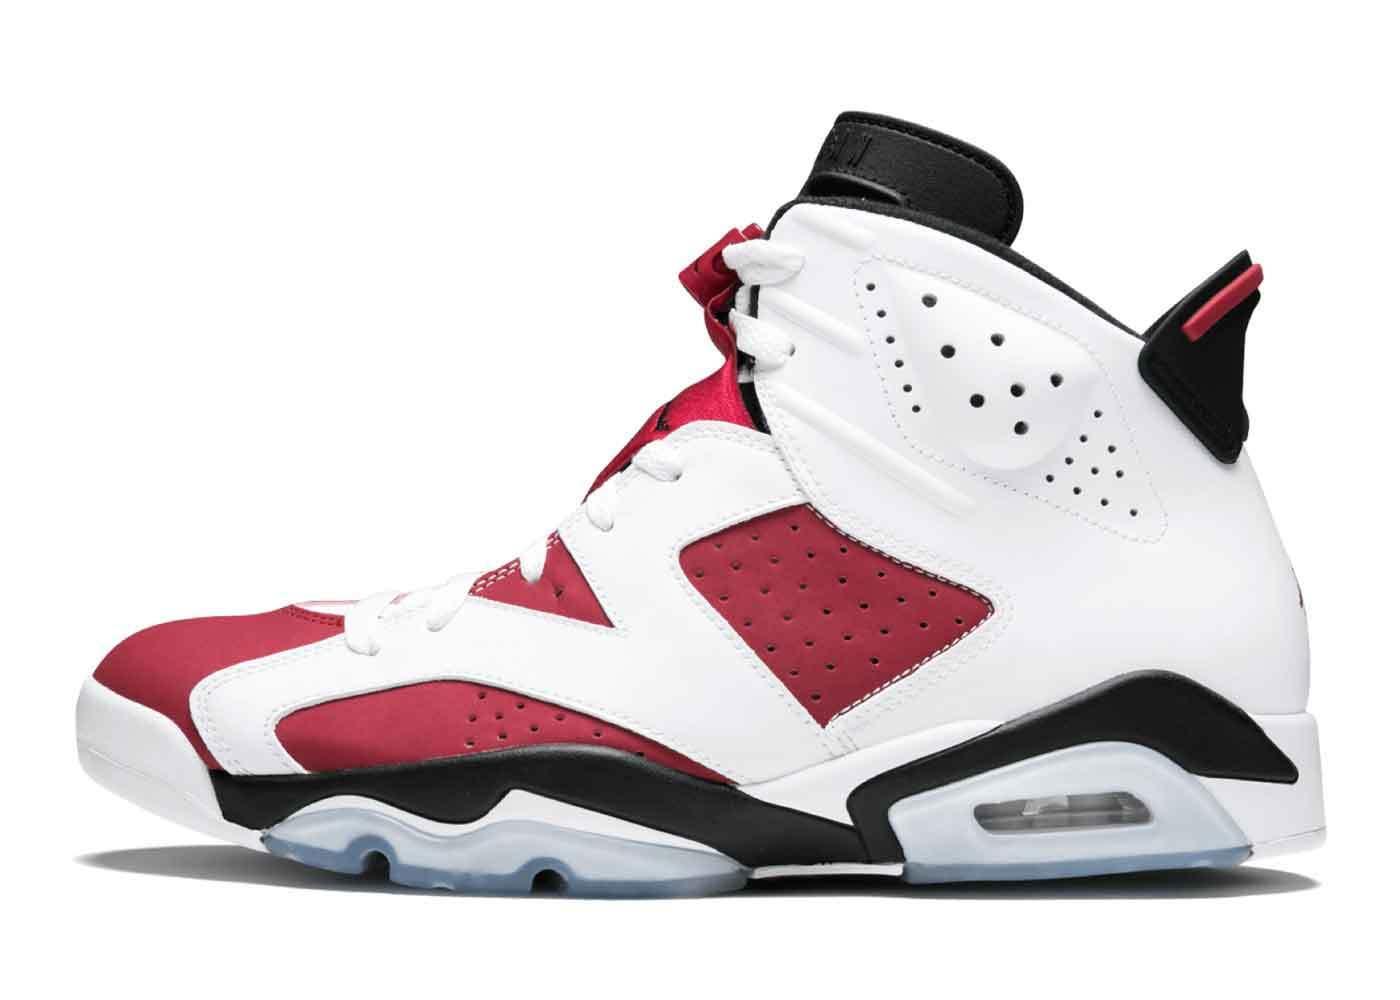 Nike Air Jordan 6 Carmine (2014)の写真